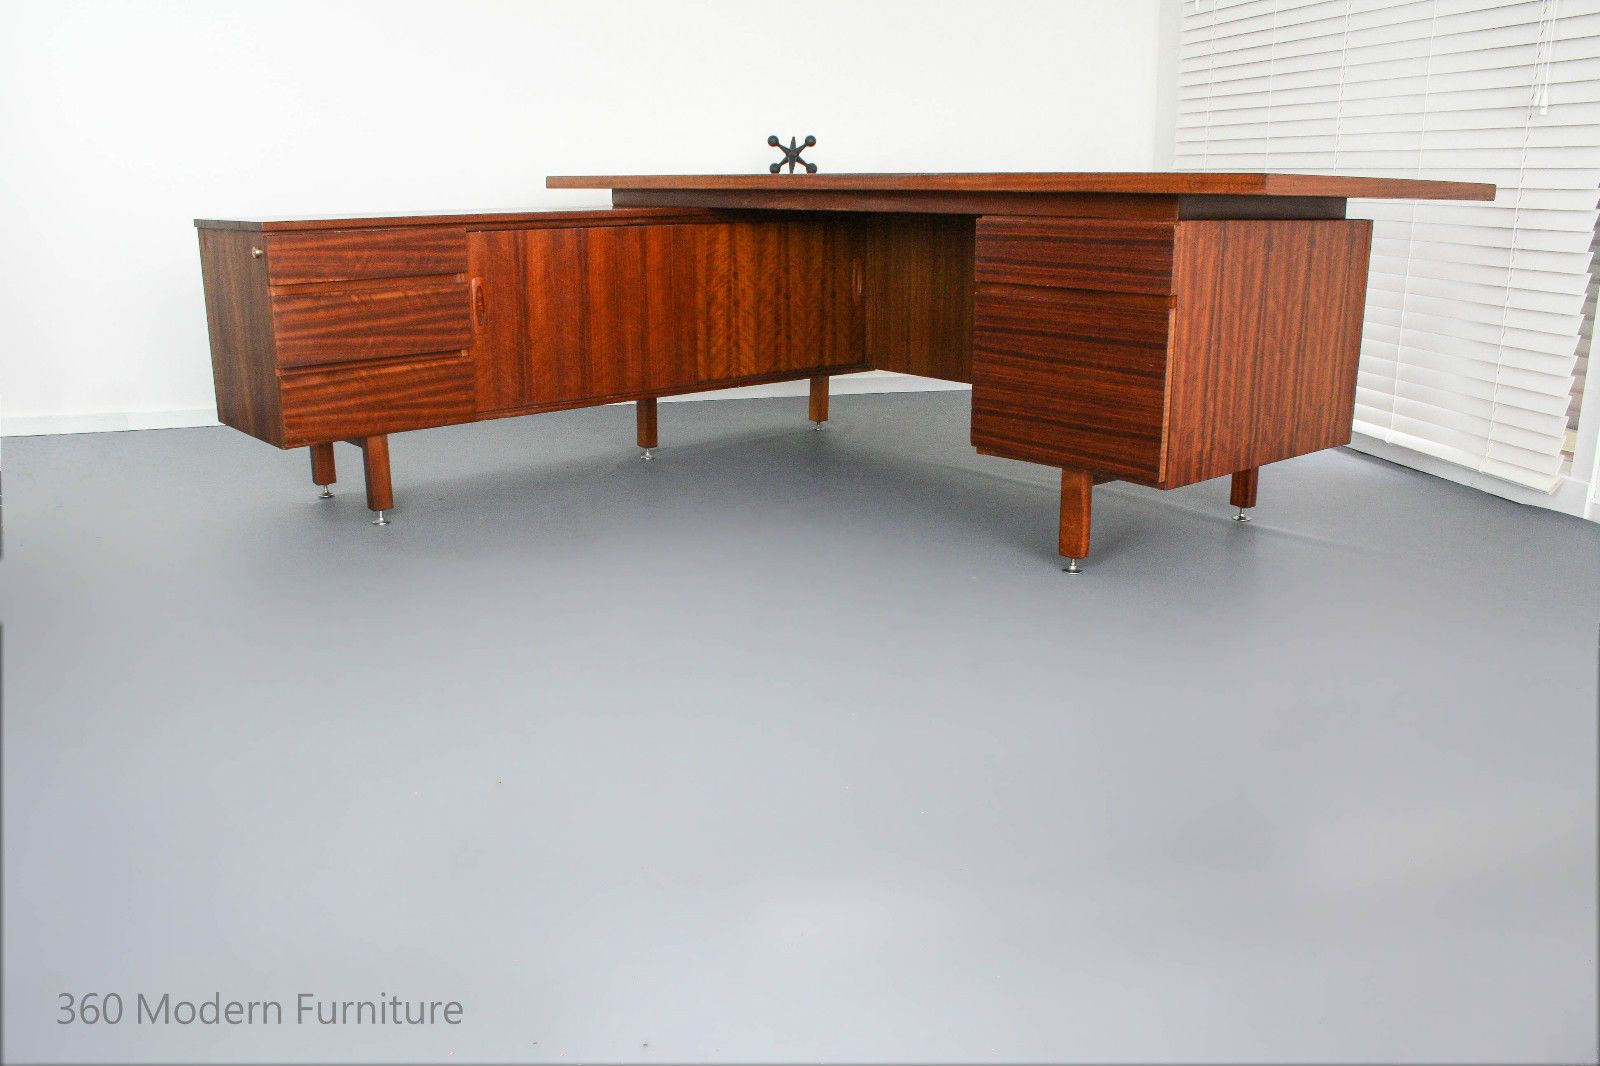 Mid Century Executive Desk Orig Return Table Vintage Retro Scandi Room Divider Buy Office Furniture Modern Furniture Furniture